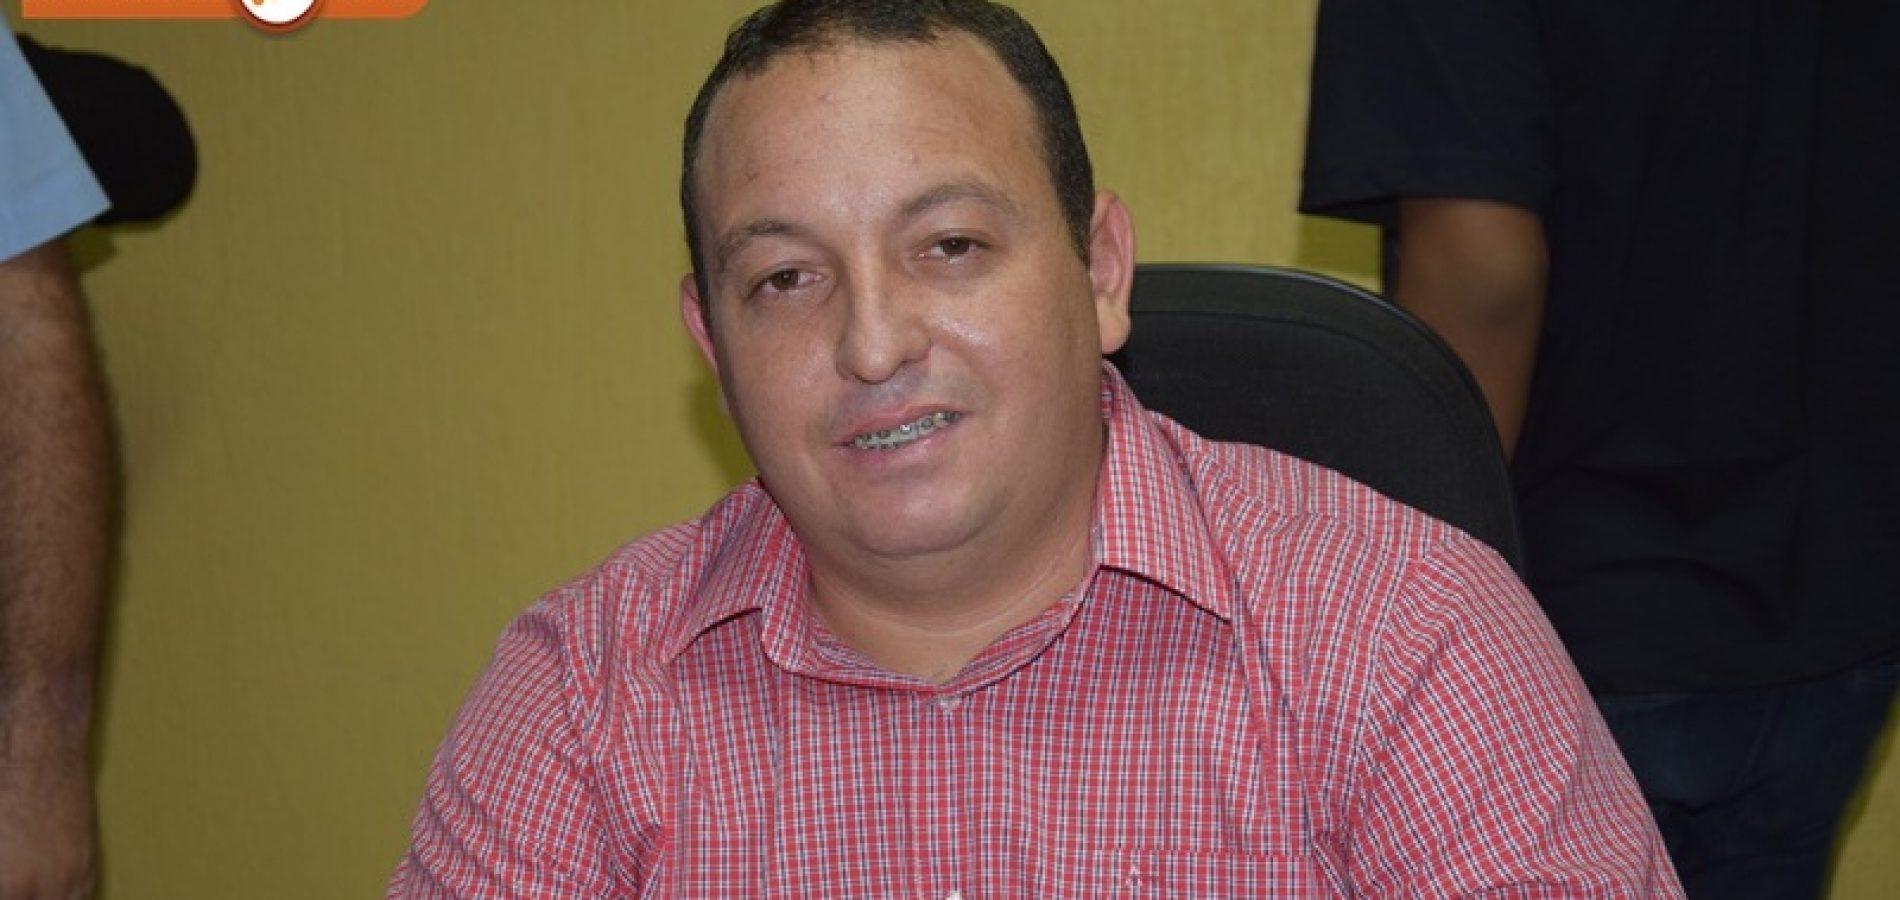 PICOS | Secretário de Agricultura e Abastecimento reafirma compromisso com comunidades no controle de água